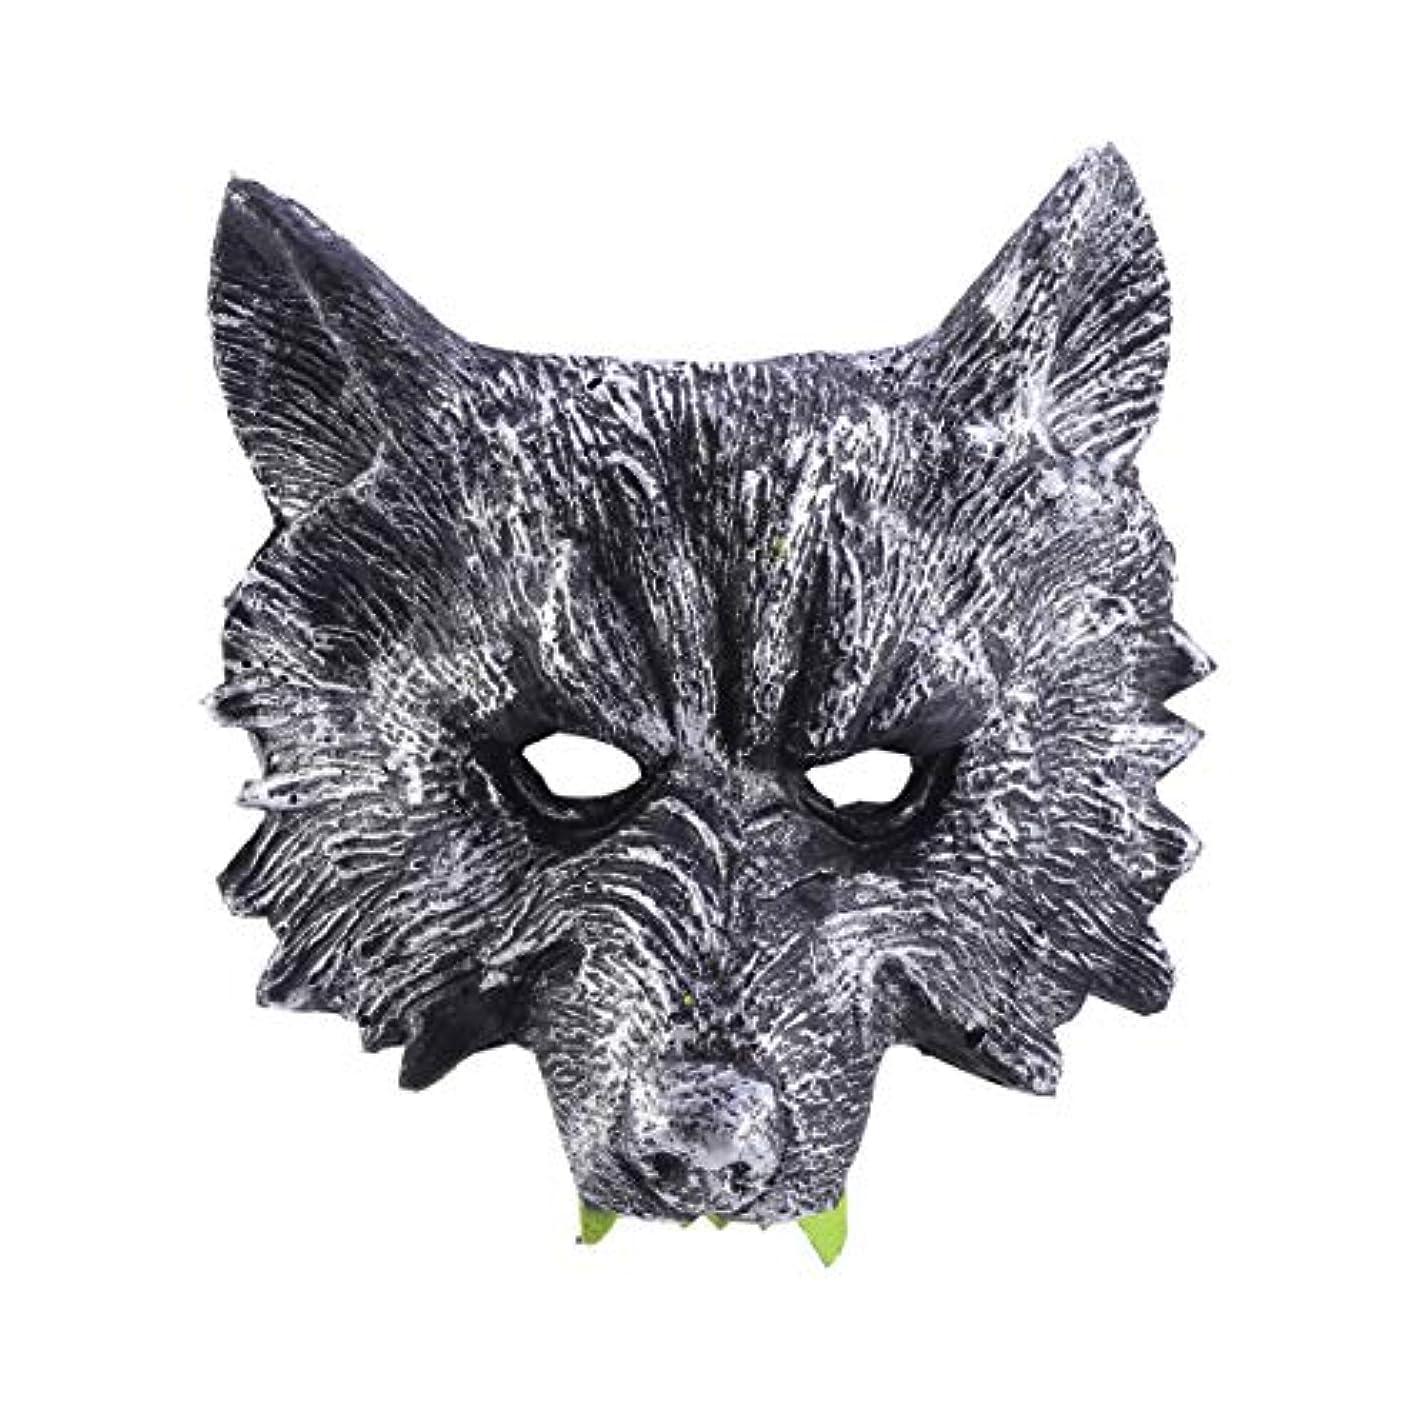 魅惑する懇願する見つけるToyvian ハロウィーン仮装パーティーのための灰色オオカミマスク